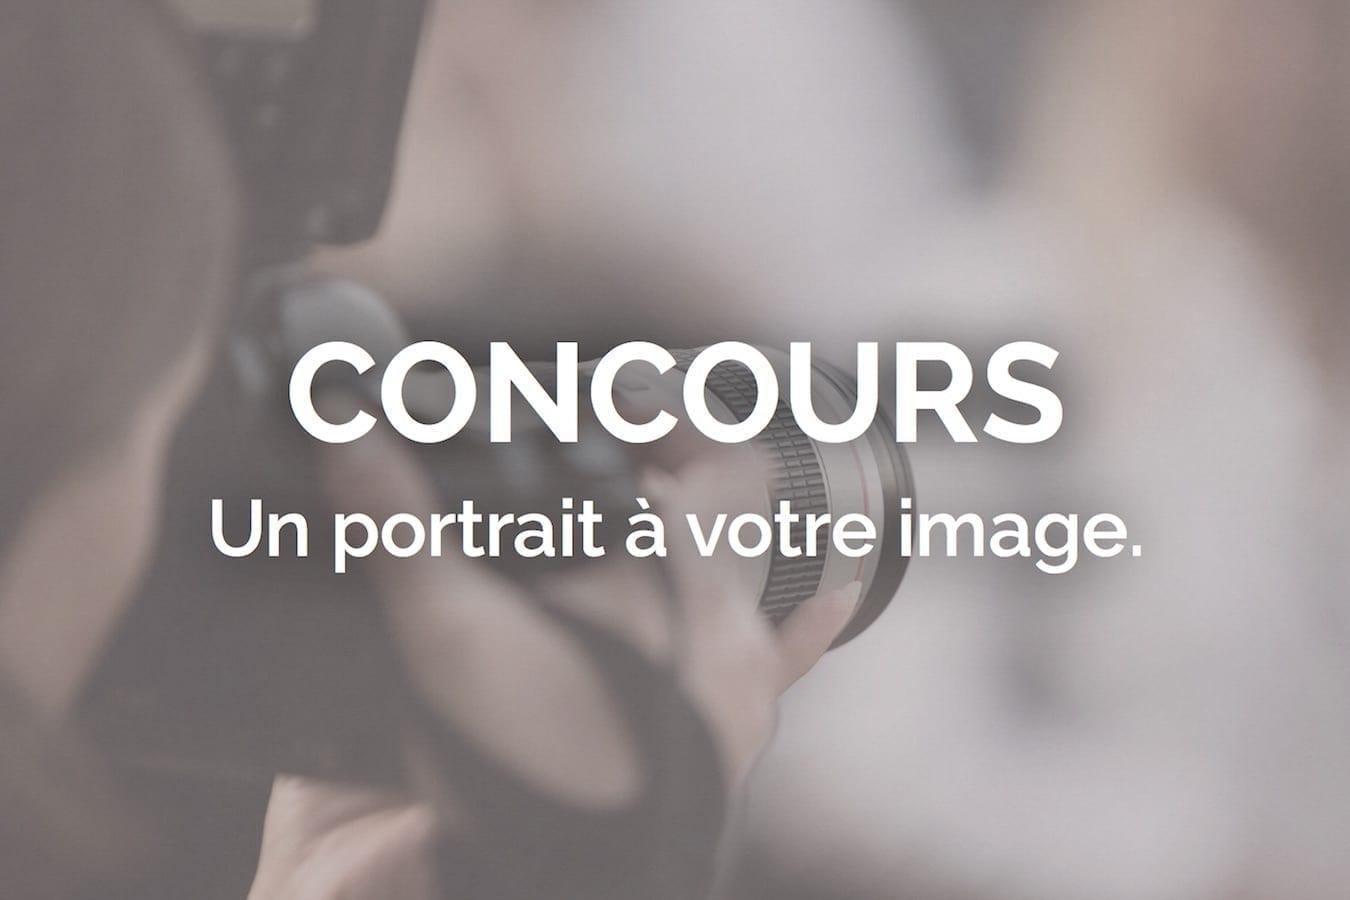 Concours: un portrait à votre image